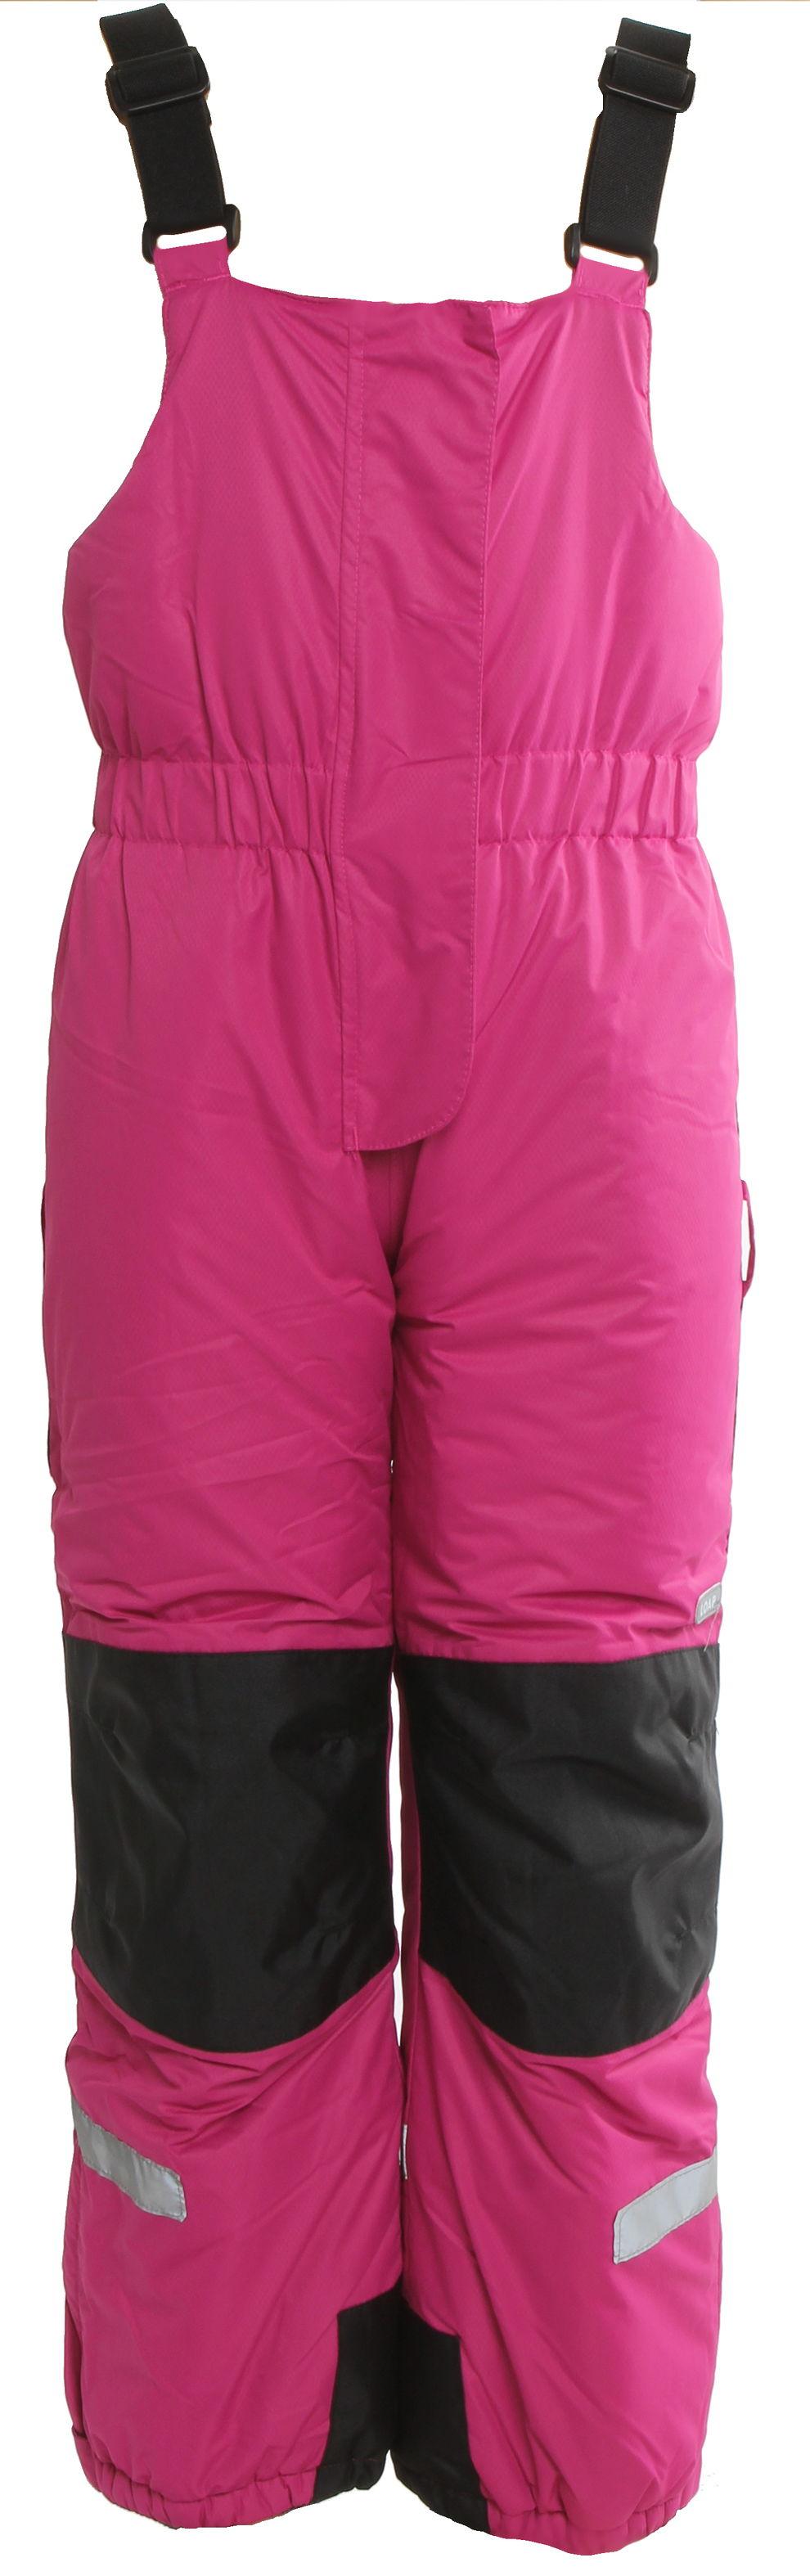 Dívčí lyžařské kalhoty s reflexními prvky Loap vel. 3 - 4 éves, 104 cm